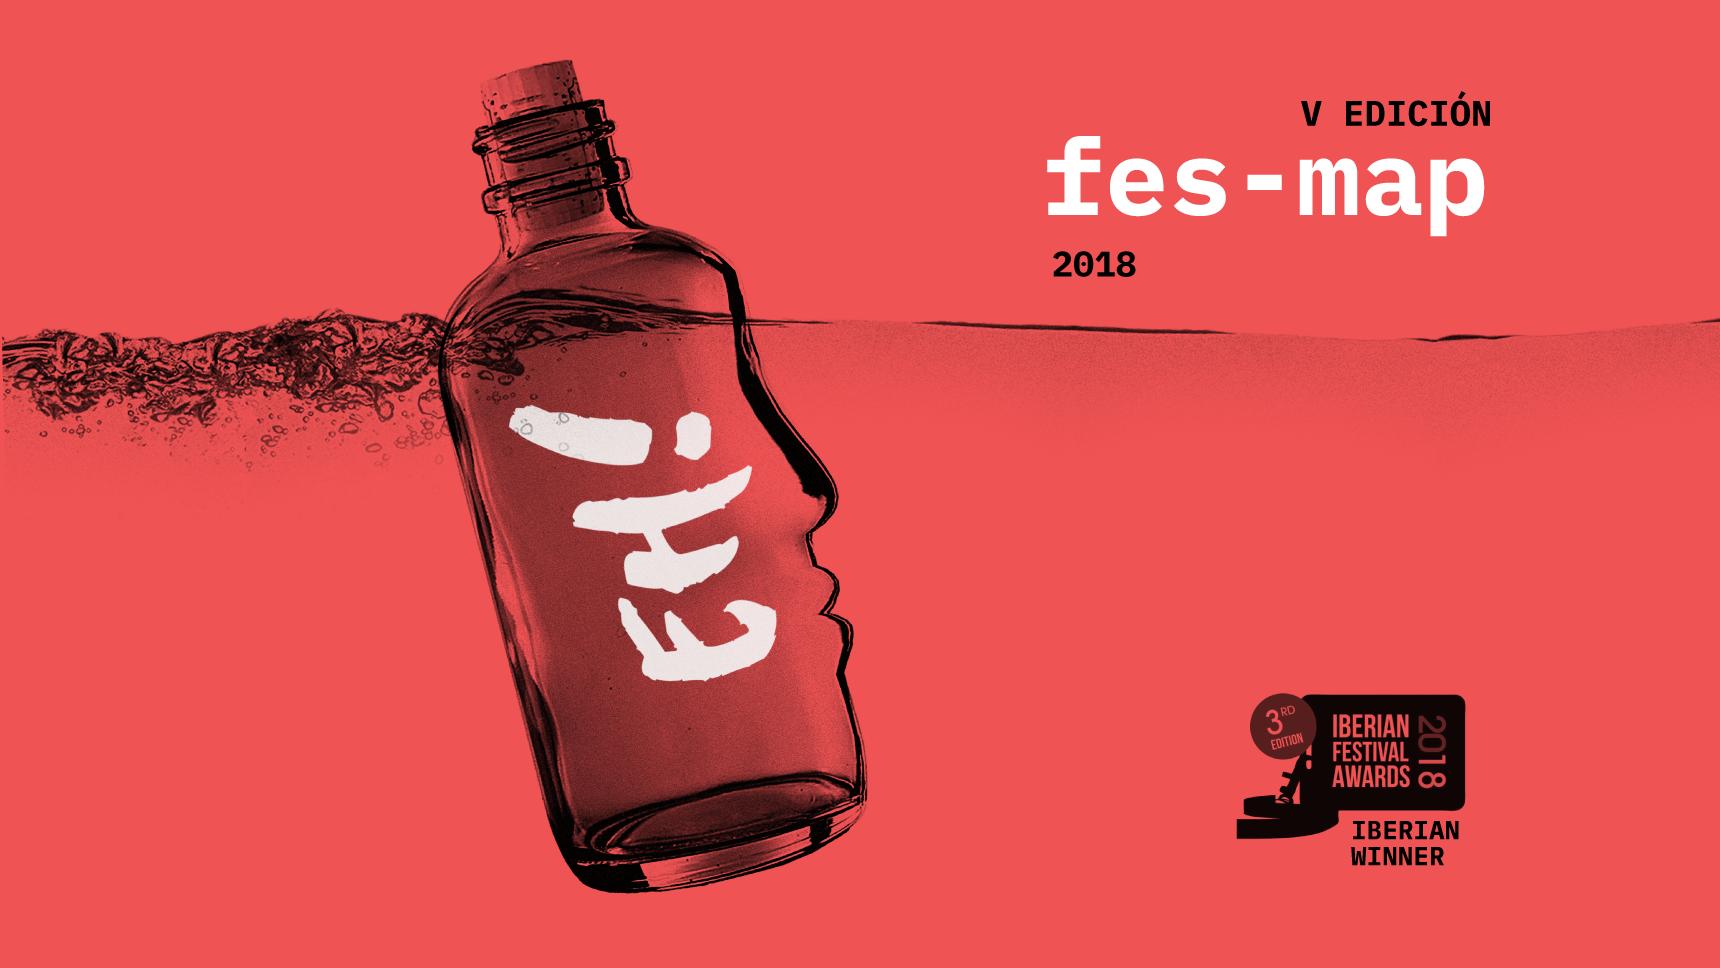 FESMAP 2018 - Festival de Salud Mental y Artes de los Pirineos